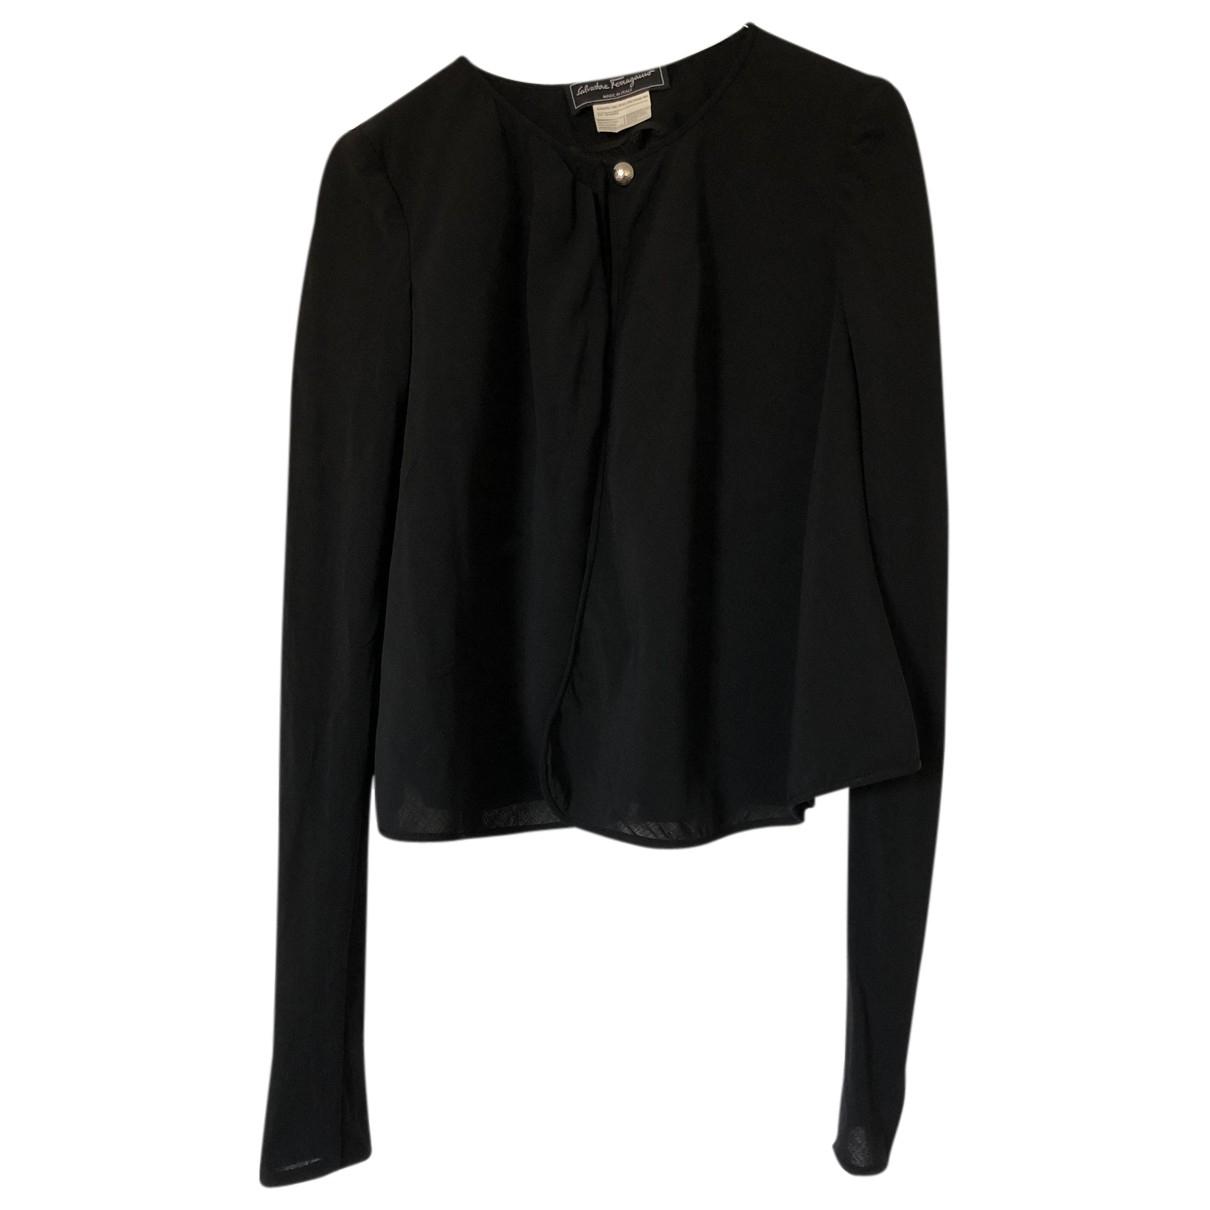 Salvatore Ferragamo - Top   pour femme en laine - noir